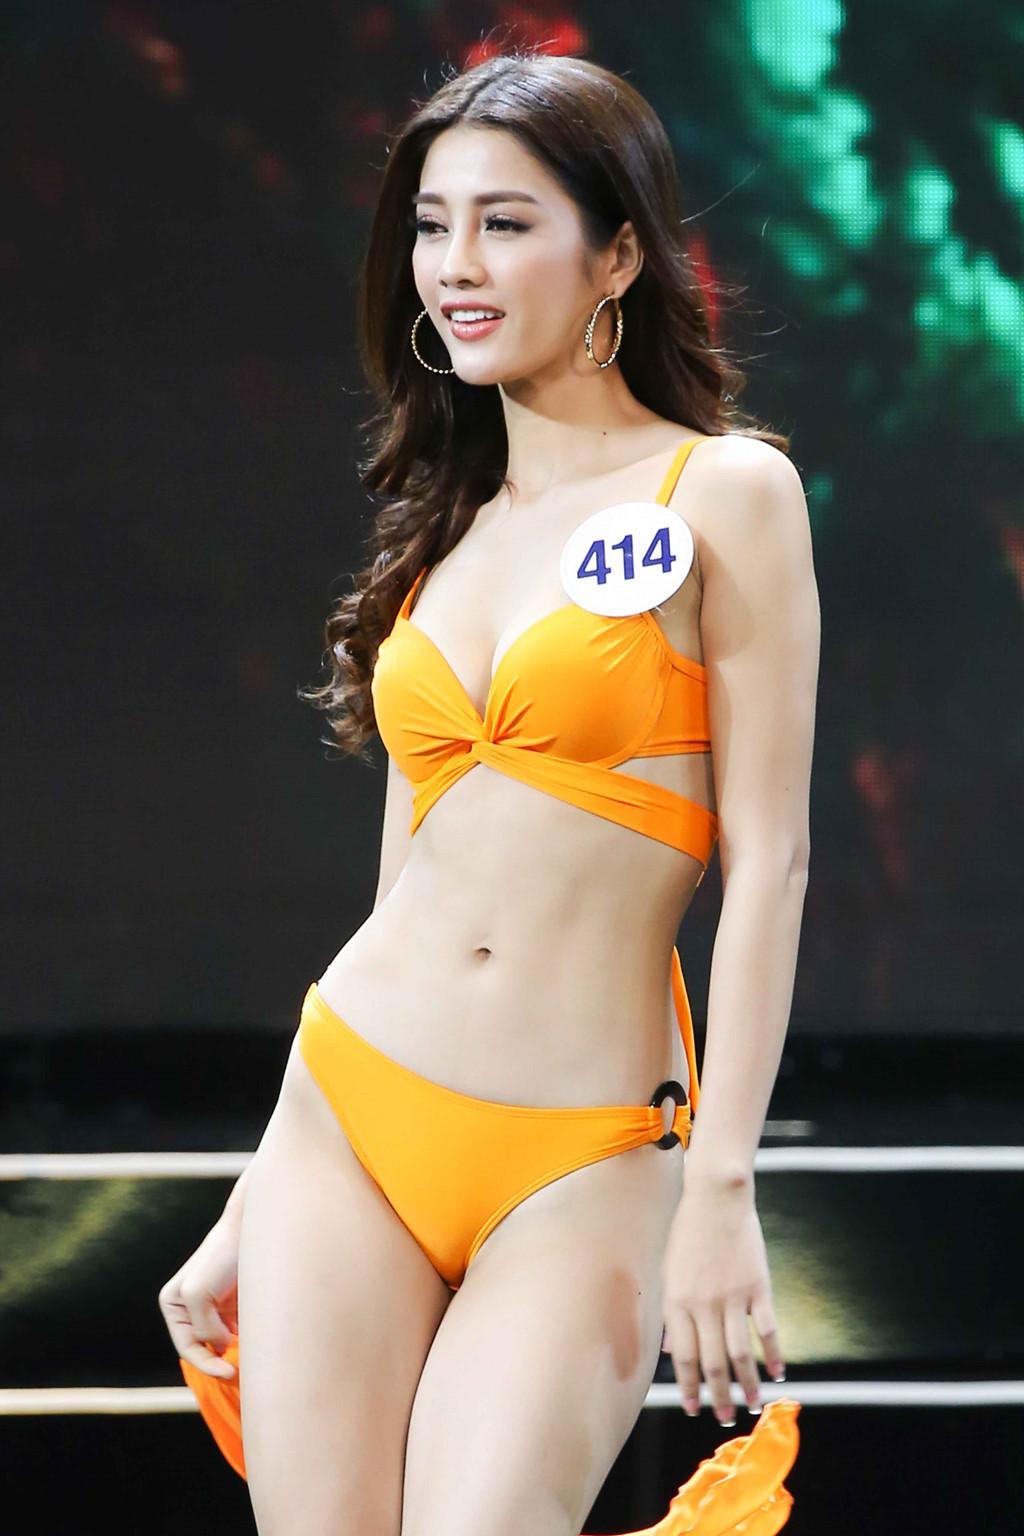 Hoa hậu Hoàn vũ Việt Nam 2019 chưa tổ chức nhưng đã có 4 mỹ nhân tuyên bố giật vương miện-6